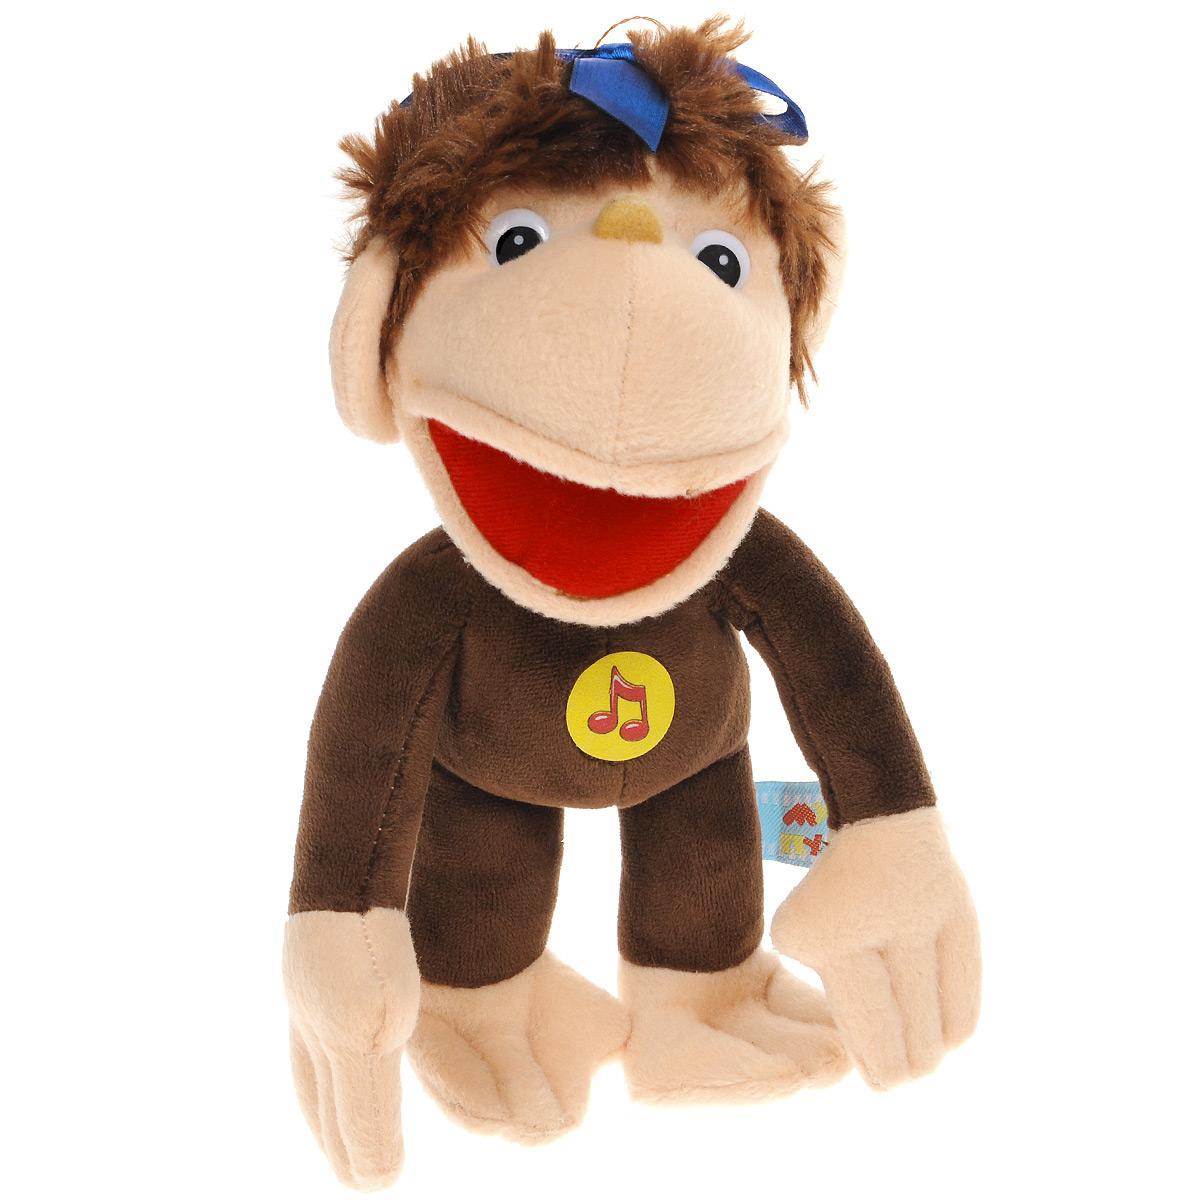 Мягкая озвученная игрушка Мульти-Пульти Мартышка, 28 смV85124/32s31Мягкая озвученная игрушка Мульти-Пульти Мартышка вызовет улыбку у каждого, кто ее увидит! Она выполнена в виде всем известного мультипликационного персонажа - мартышки из мультфильма 38 попугаев. Туловище игрушки - мягконабивное, глазки и носик - пластиковые. На голове яркий синий бант. Если нажать игрушке на животик, мартышка признесет фразы из мультфильма: -А что это вы такое делаете, извините? -Меня мерим. -Только мы не знаем как, Давай, у тебя спросим? У меня лучше не надо, извините, давайте лучше спросим у попугая. -Давайте, давайте спросим у меня, спрашивайте!, Я могу измерить твой рост в попугаях: раз, два, левой, правой, дважды два очень, просто измеряются удавы, пятью пять, любого роста, твой рост тридцать восемь попугаев и еще одно попугайское крылышко, -А чем еще можно мерить рост? -Всем! -И мартышками можно? -Можно! -Раз, два, левой, правой. Ой все, он уже кончился. -Пять мартышек, А теперь слоненками: раз, два. Два, извините, -Два слоненка. -Пять мартышек....